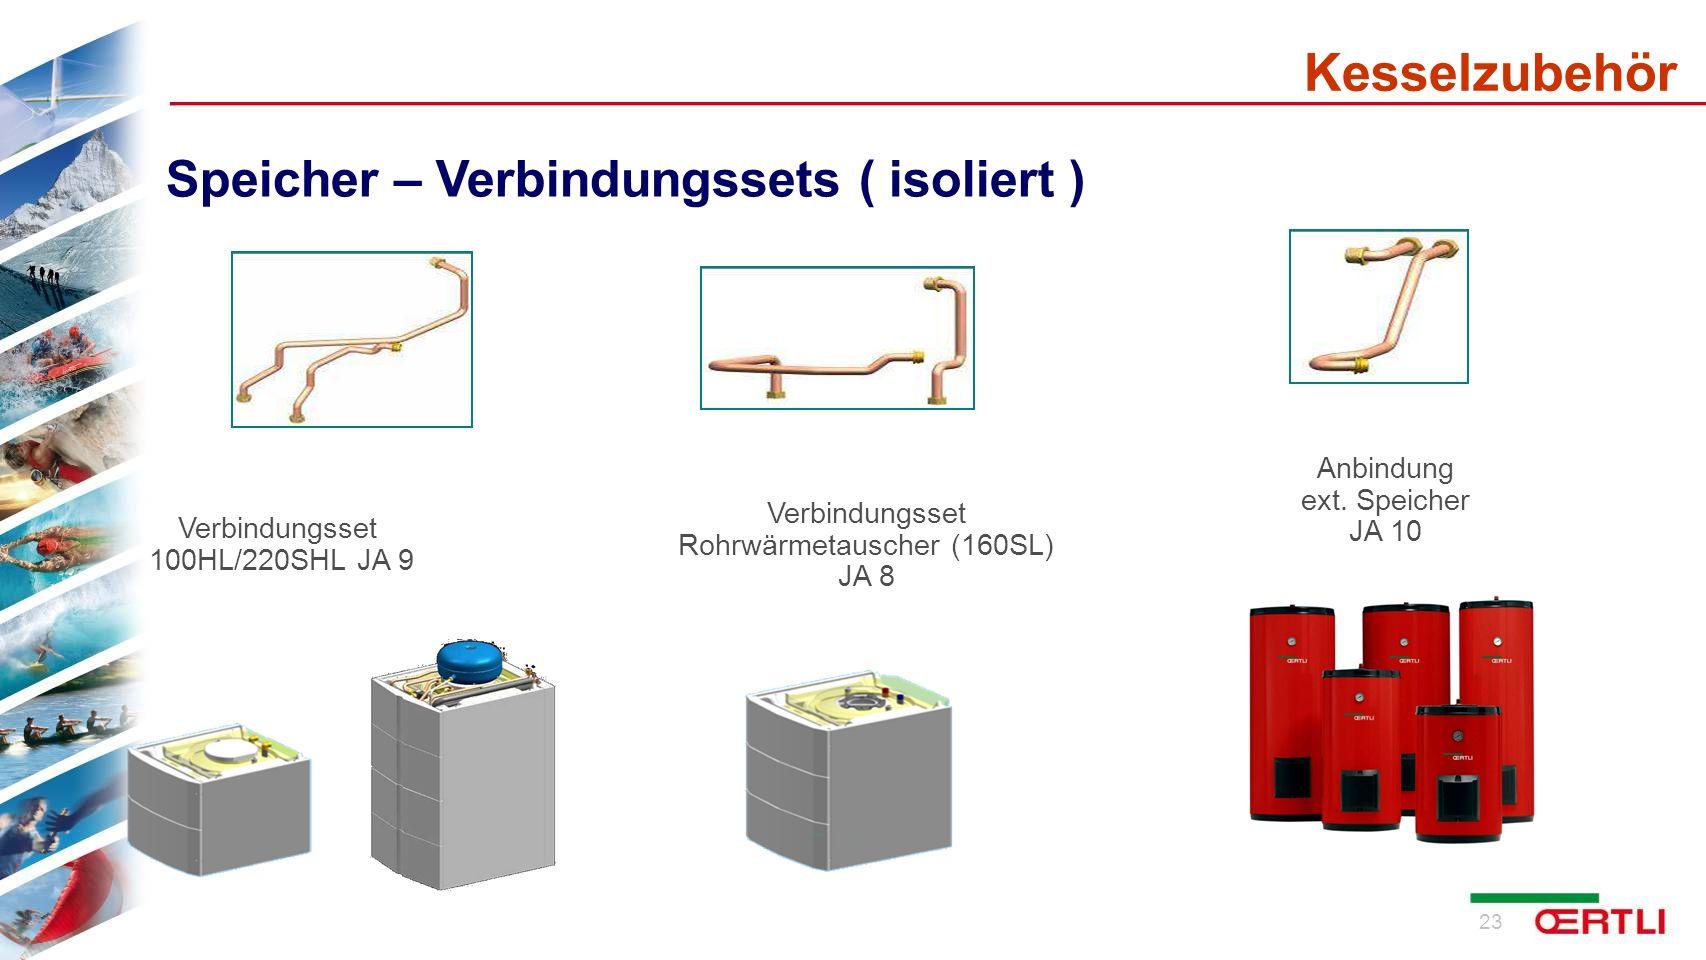 24 Hydraulische Anschluss-Sets für Säulen-Ausführung links/rechts oben Kesselzubehör Meibes Armaturen Rohrleitungen, bis auf Gas und KW isoliert !